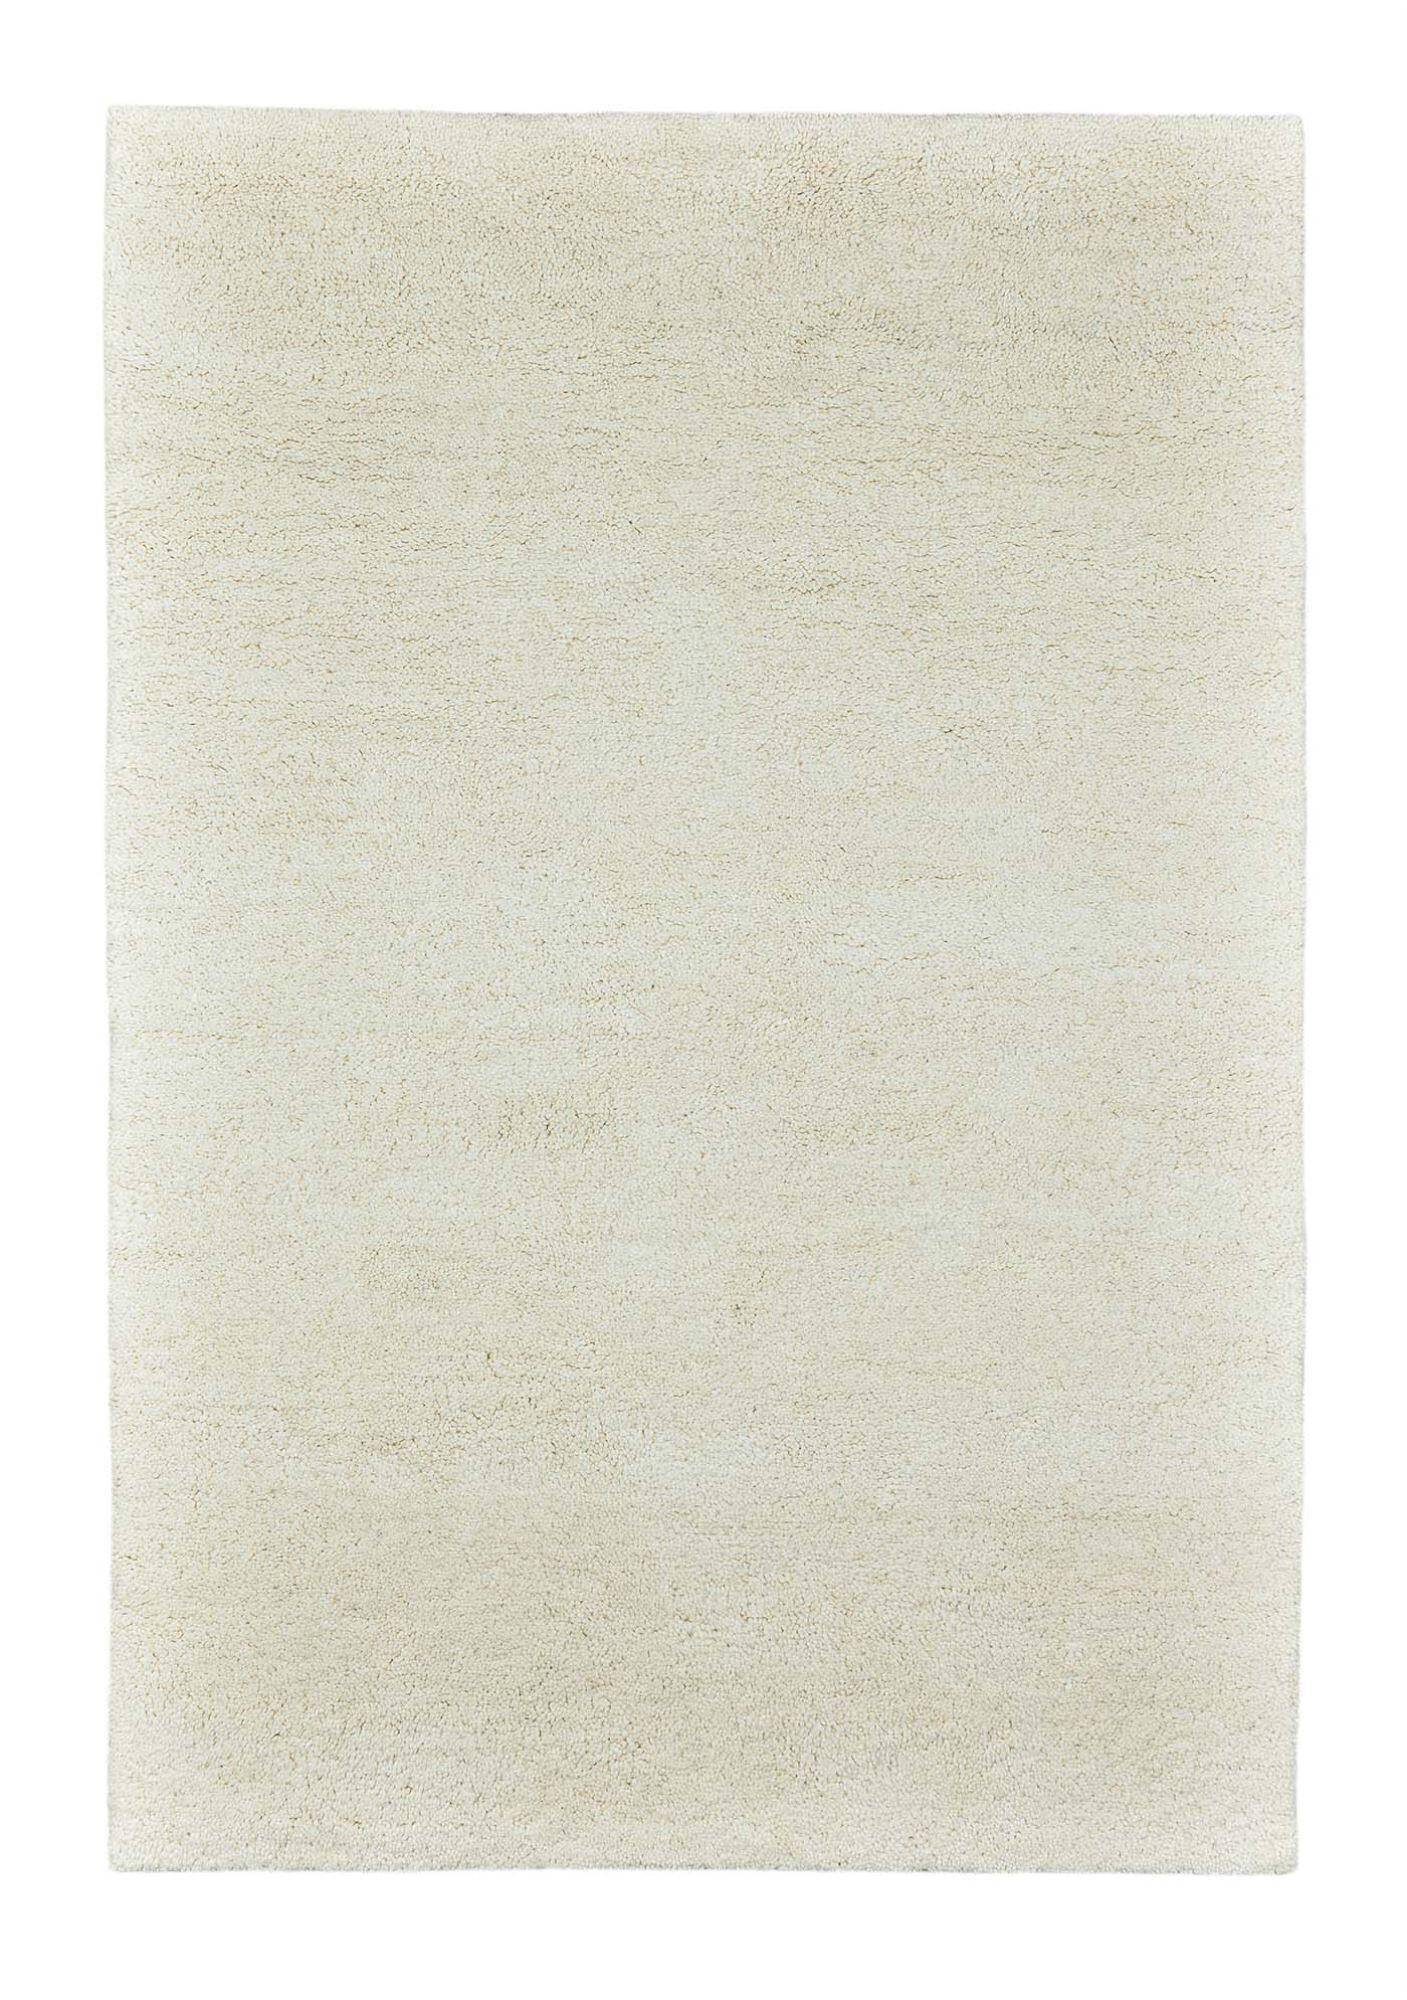 THEKO Tapis Berbre du maroc en laine naturelle Blanc 70x140